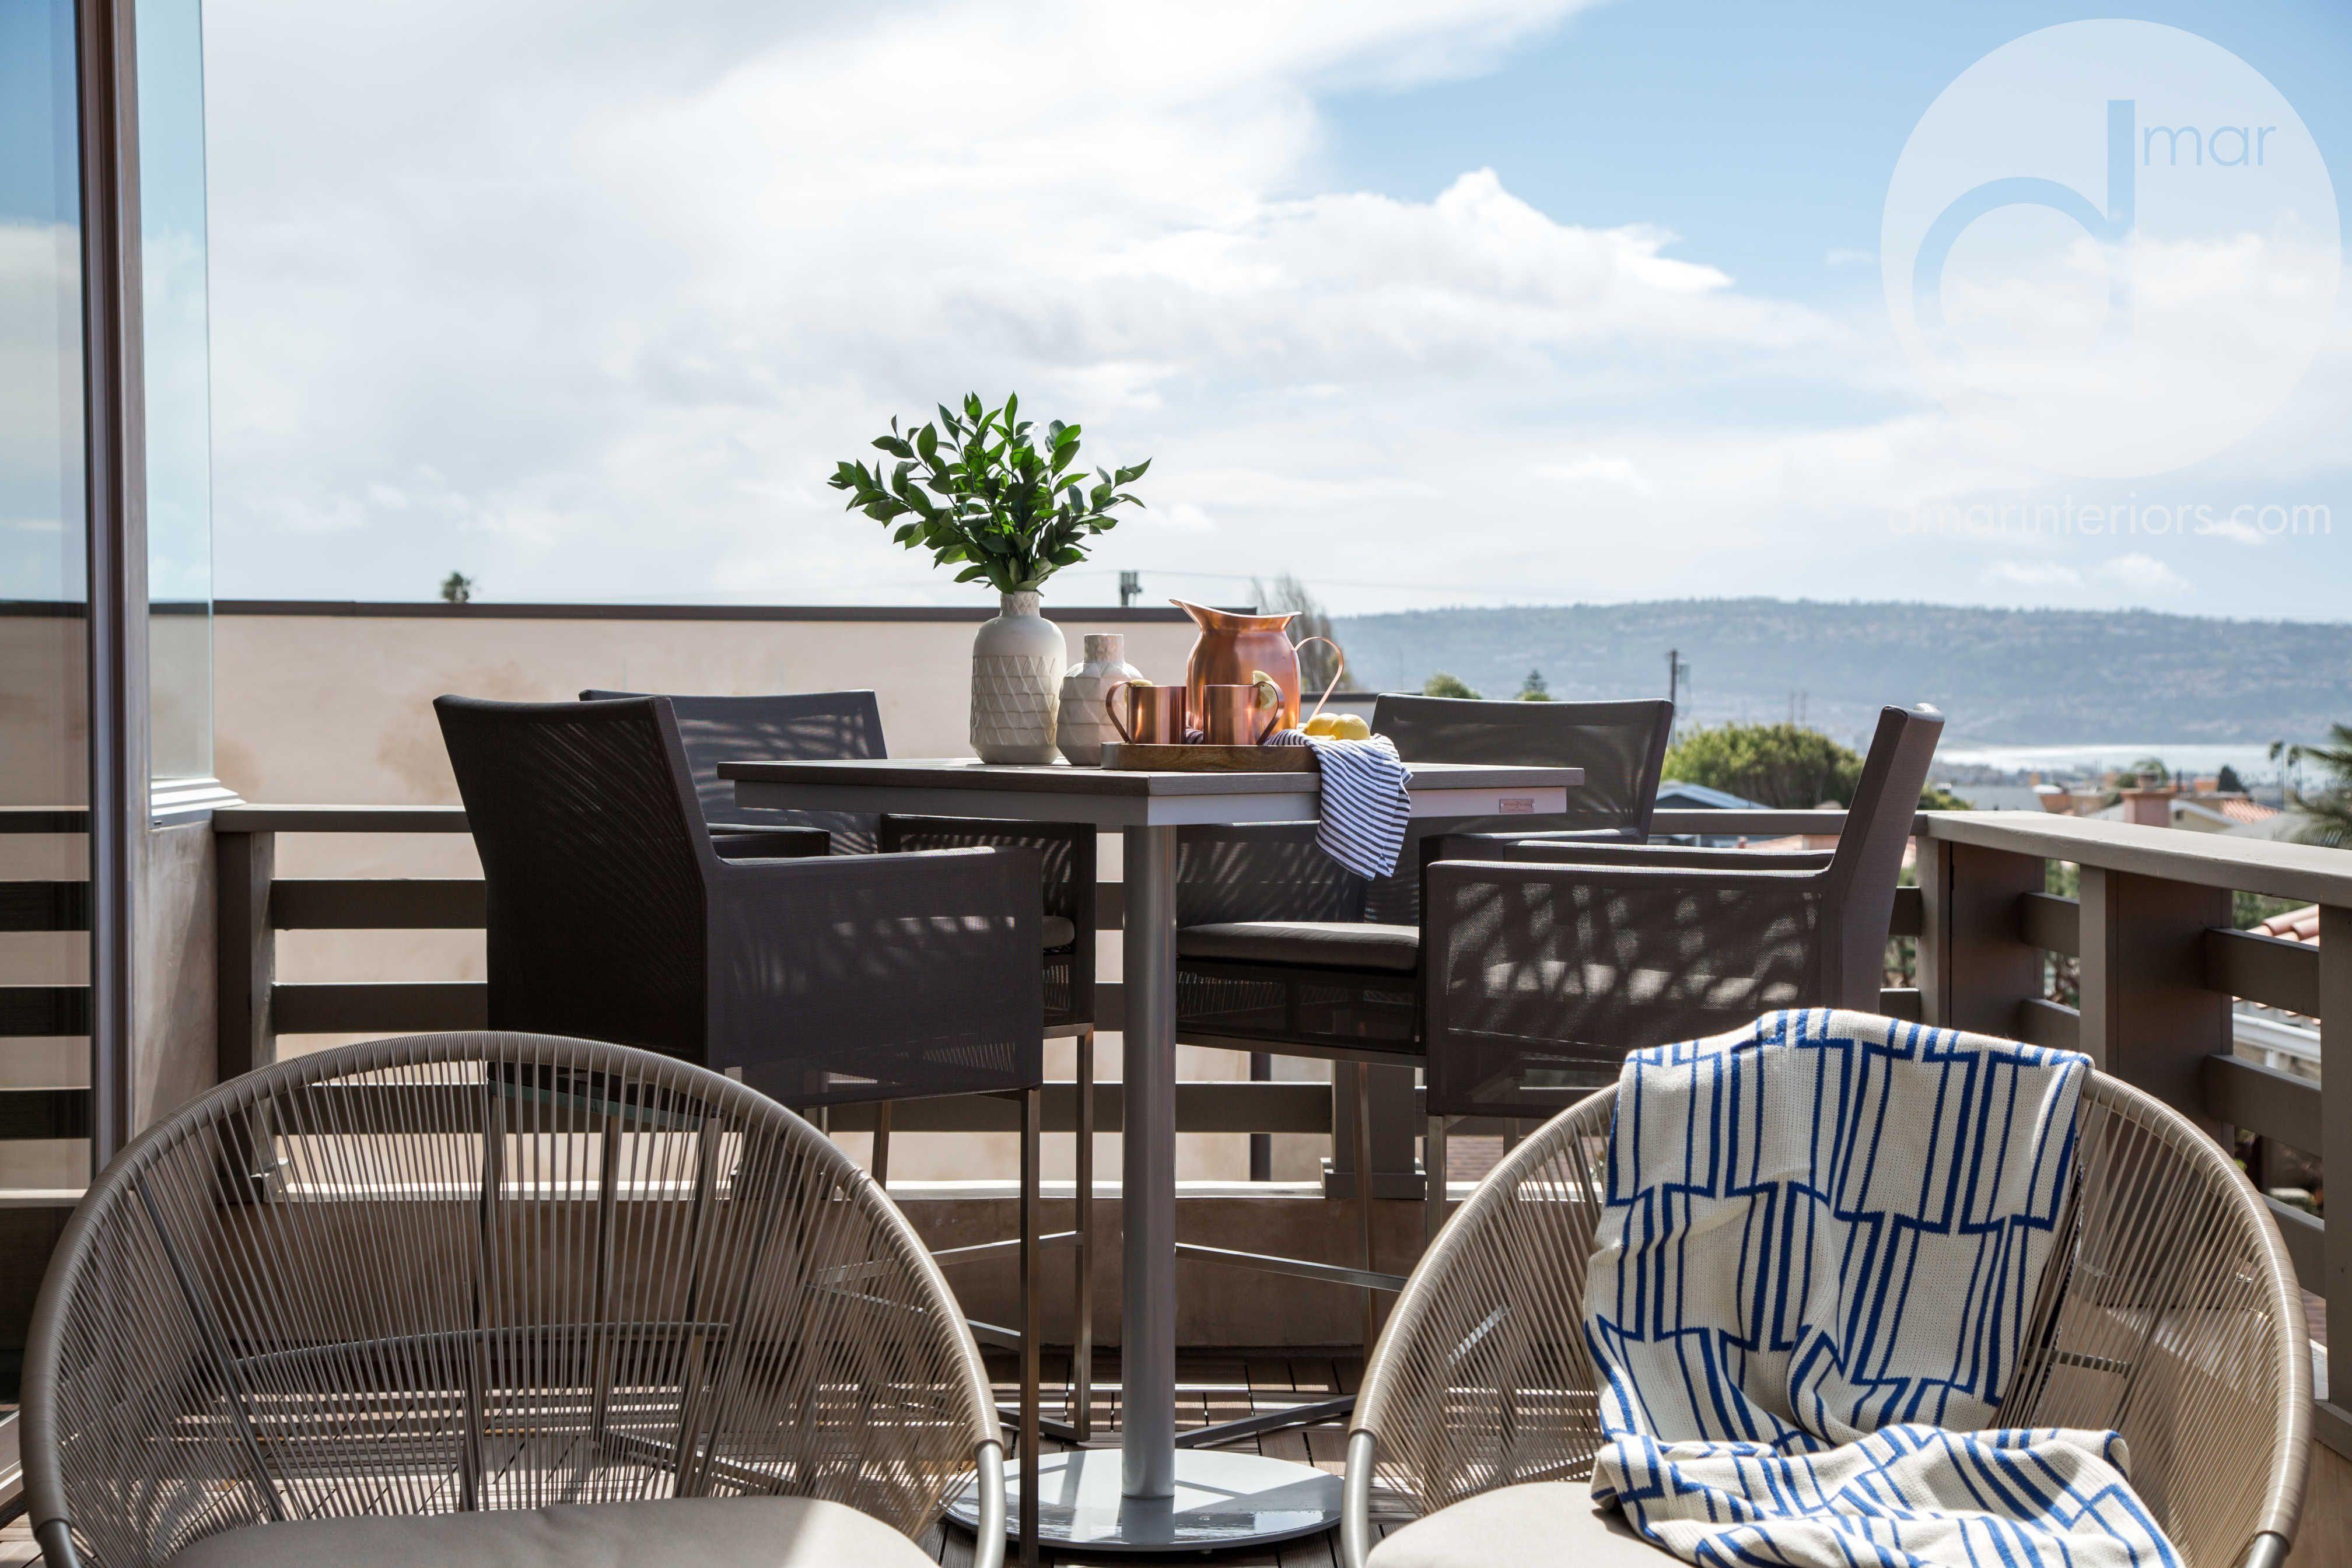 Tavoli Alti Fai Da Te : Outdoor living space modern lounge chairs high top table bar